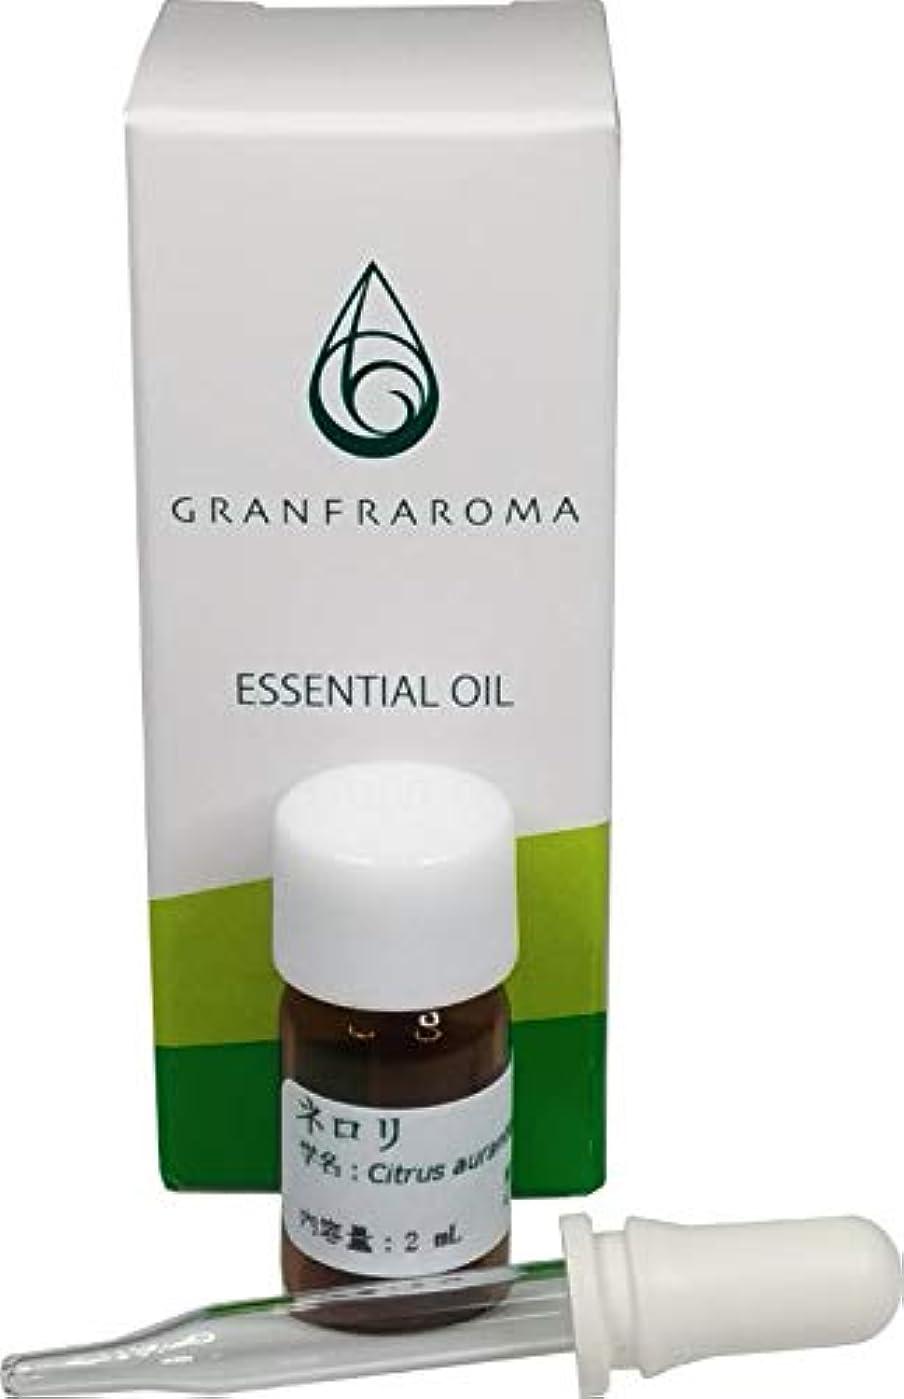 リスナー増加するしゃがむ(グランフラローマ)GRANFRAROMA 精油 ネロリ 水蒸気蒸留法 エッセンシャルオイル 2ml